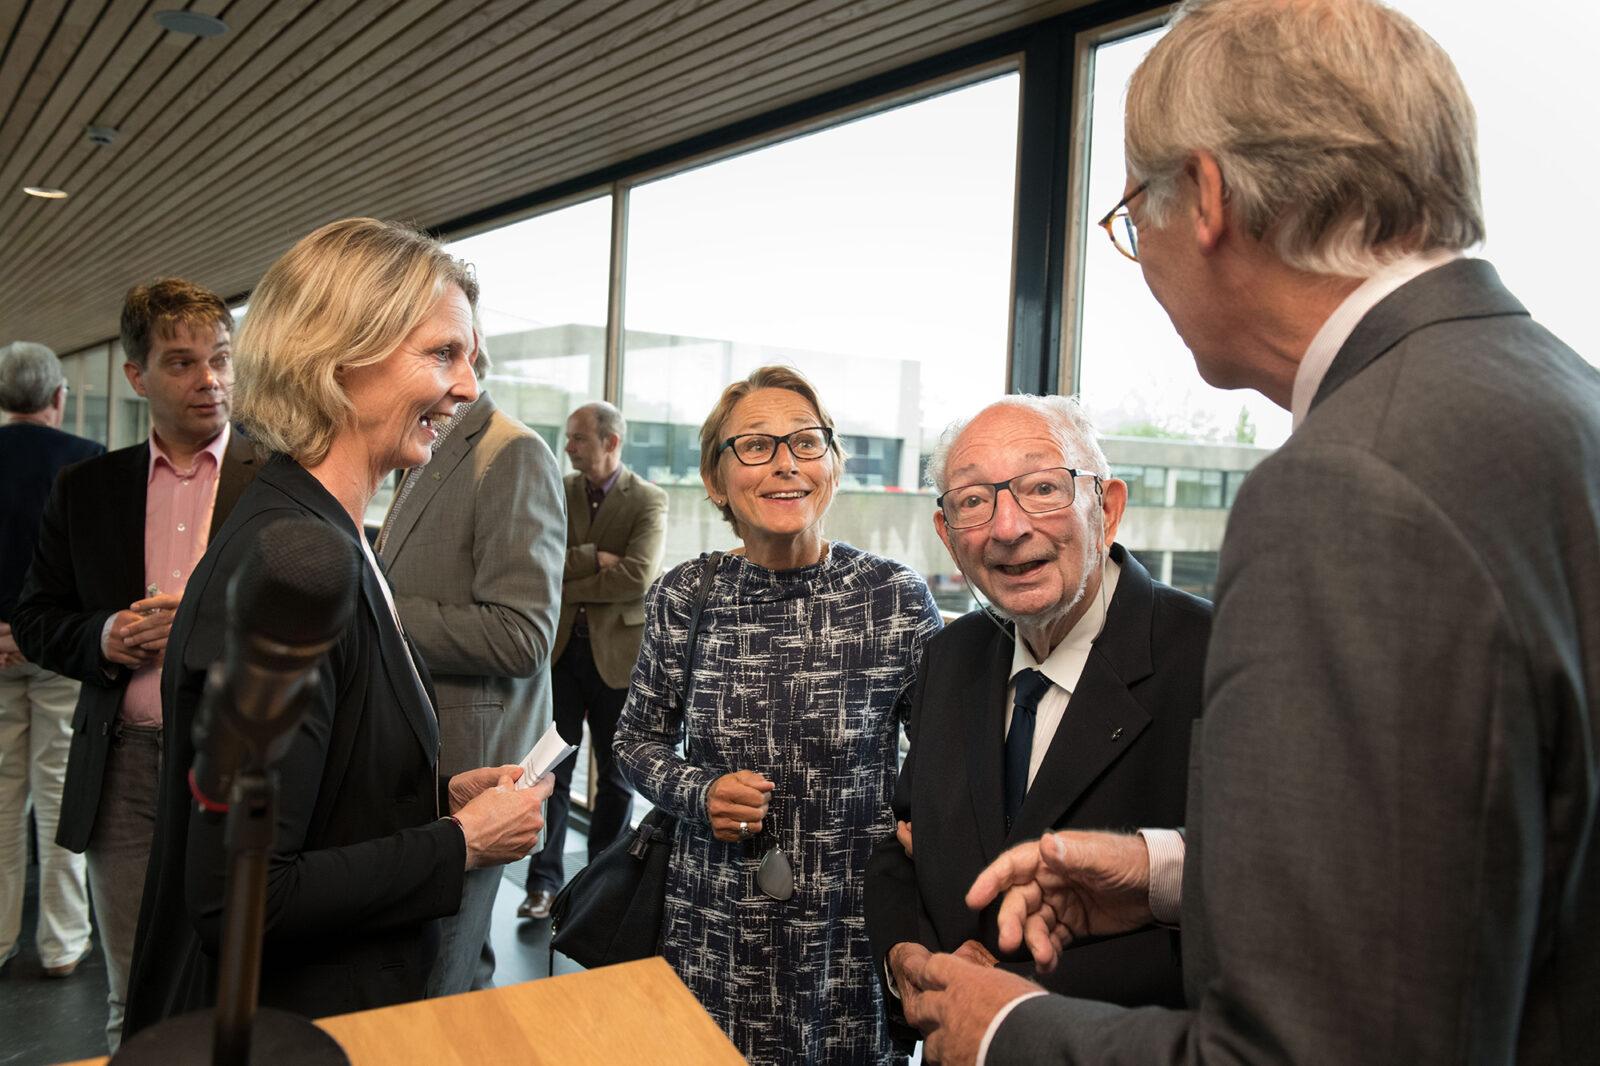 Jean Paelinck met Ton van der Pijl en Frederieke Hoitink in gesprek 20190904_004M.Muus